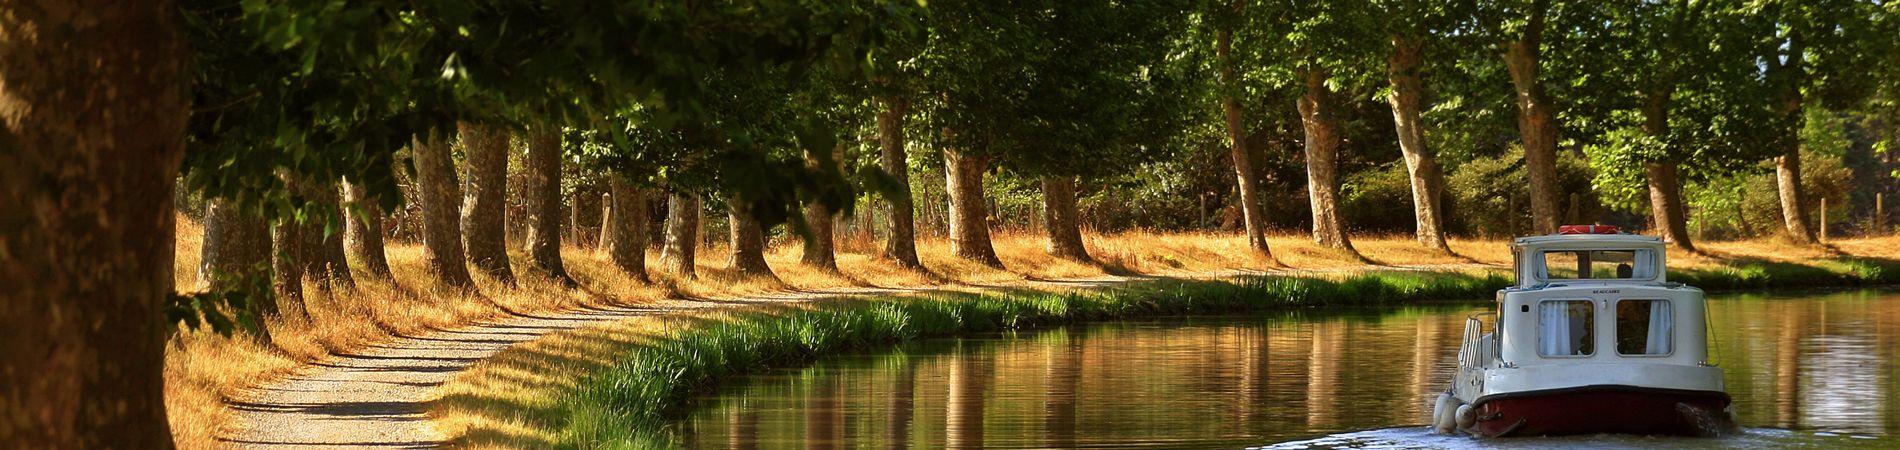 El canal du midi en Narbonne